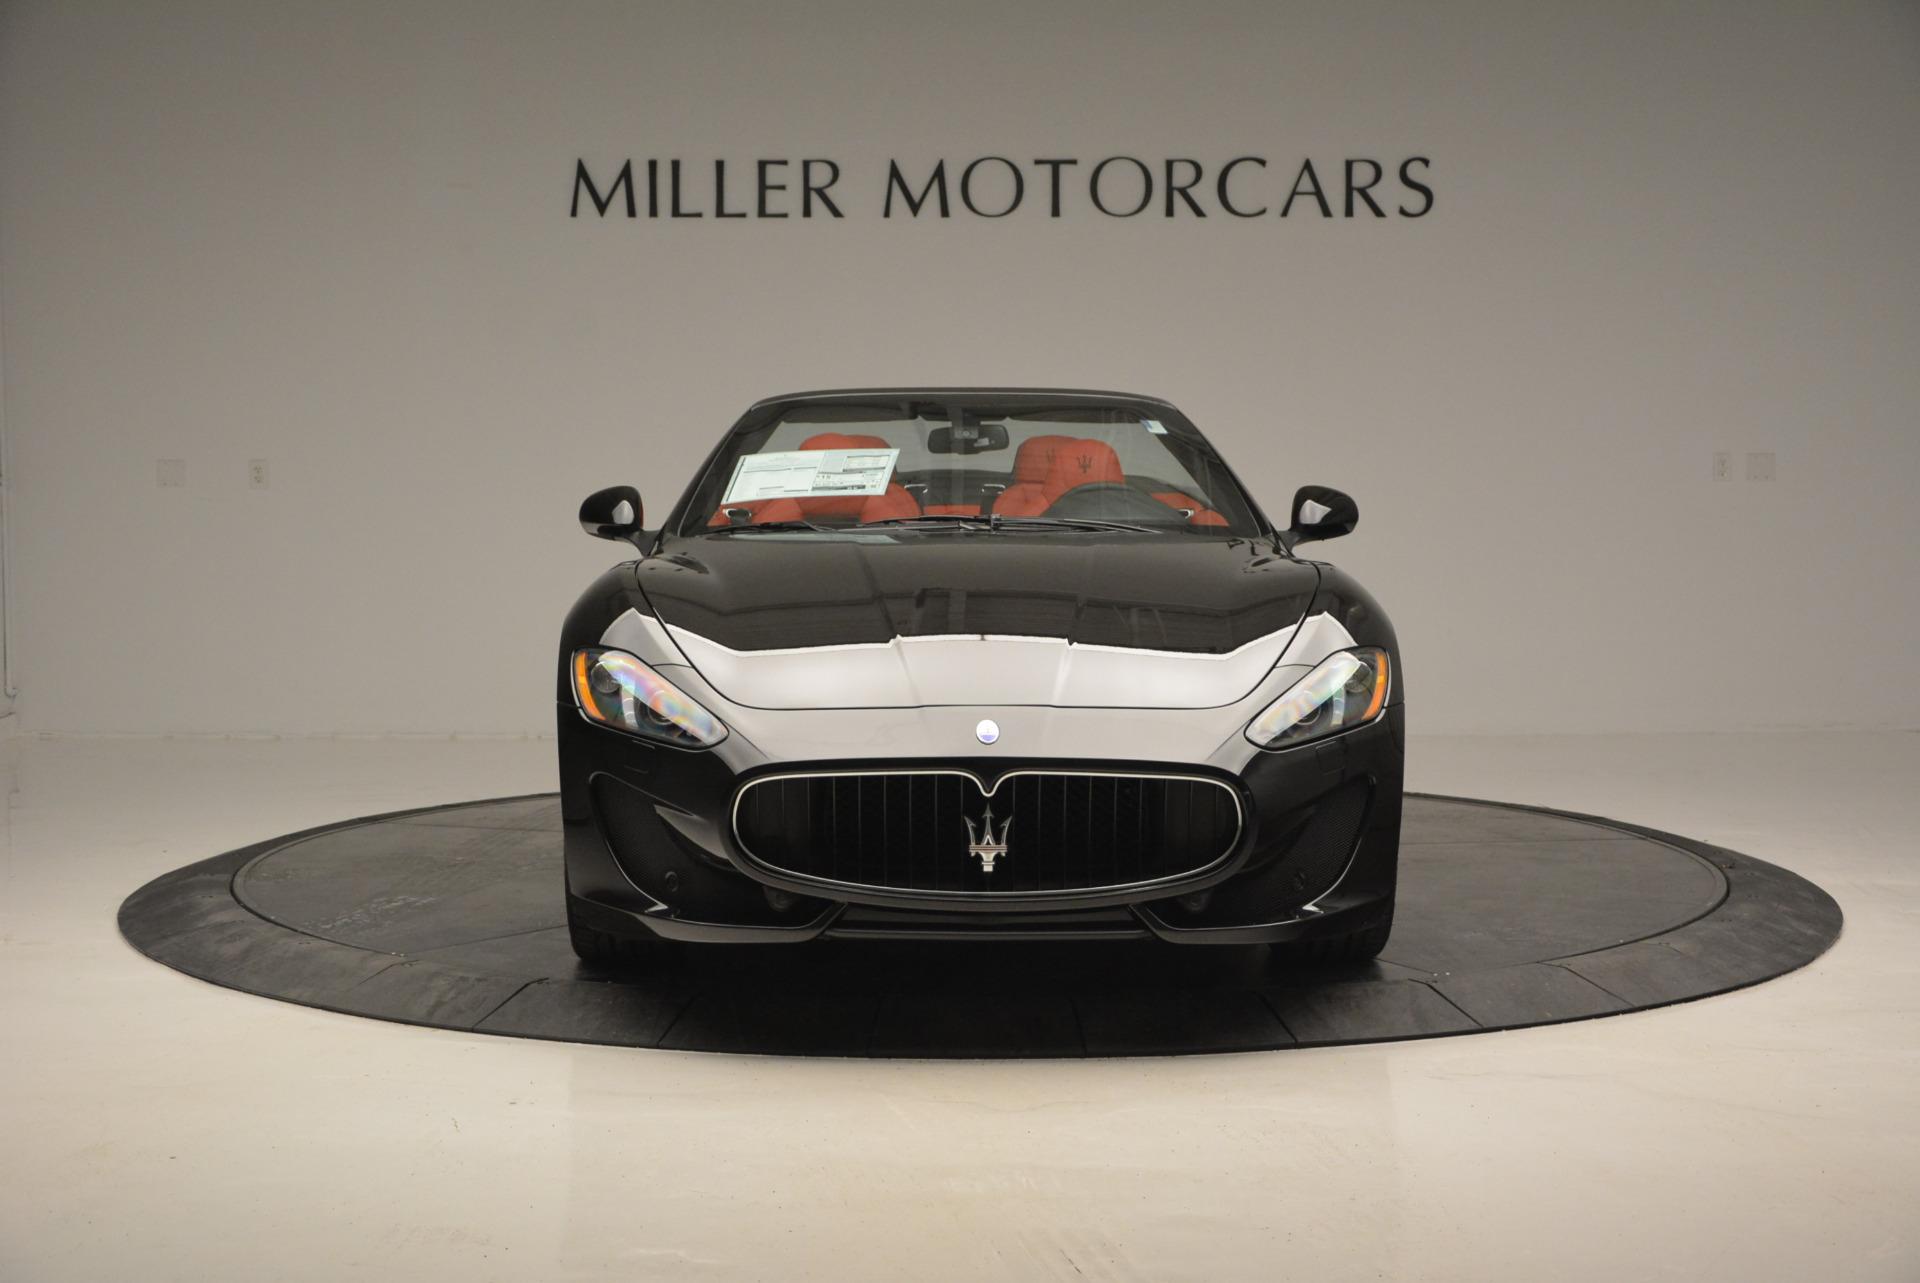 New 2017 Maserati GranTurismo Cab Sport For Sale In Greenwich, CT 687_p18